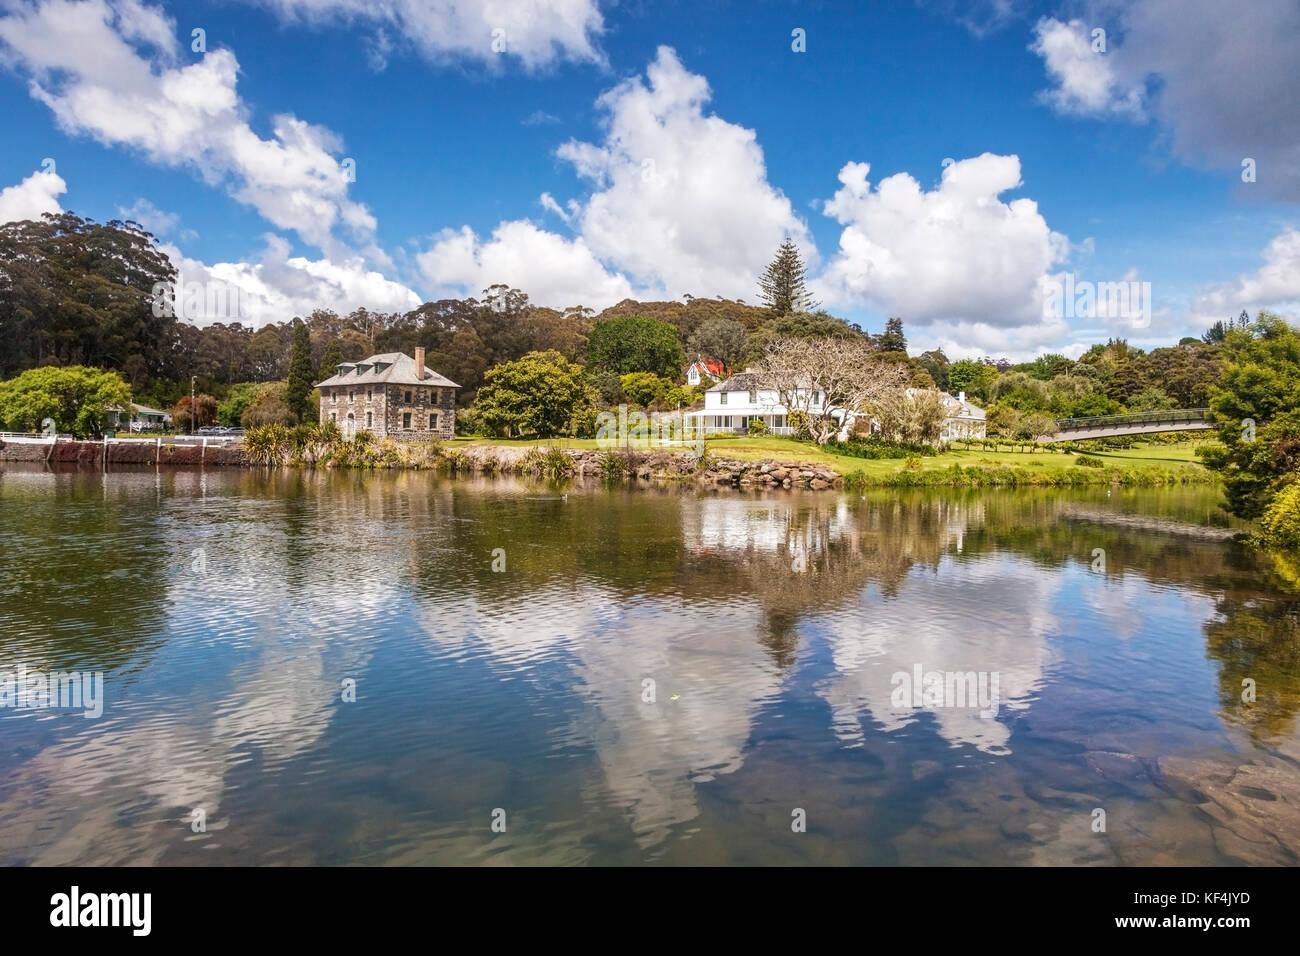 Nuova Zelanda, il più antico edificio di pietra, il negozio di pietra a Kerikeri, Baia delle Isole. Kerikeri Immagini Stock